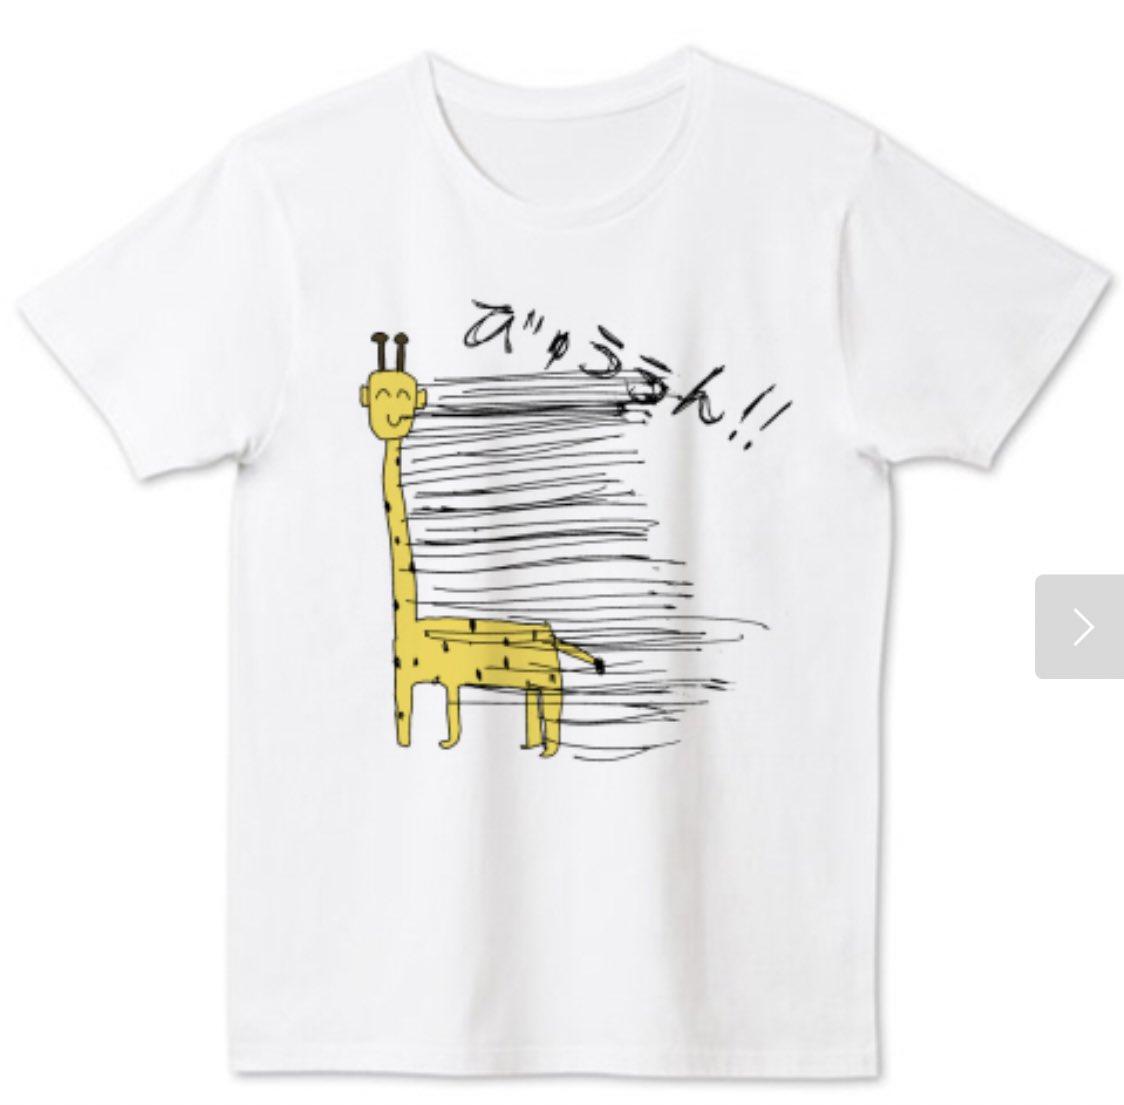 「スピード感のあるキリンTシャツ」シリーズにワンピースが新登場です。無理しないでください。